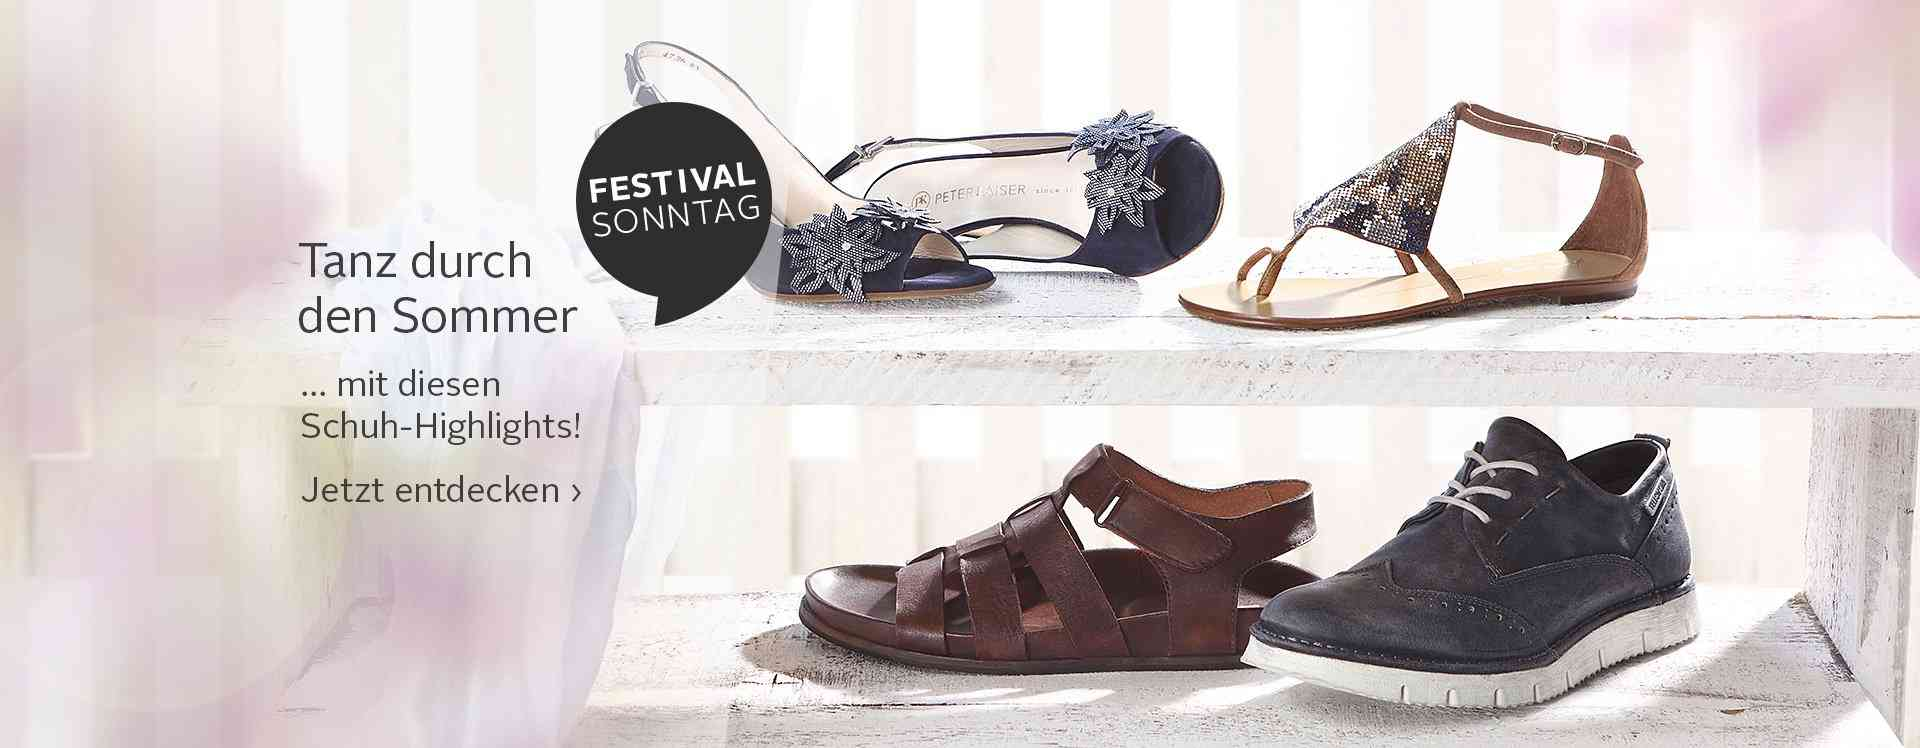 Entdecken Sie jetzt unsere große Auswahl an Schuhen. Bei OTTO finden Sie für jede Situation das Richtige!